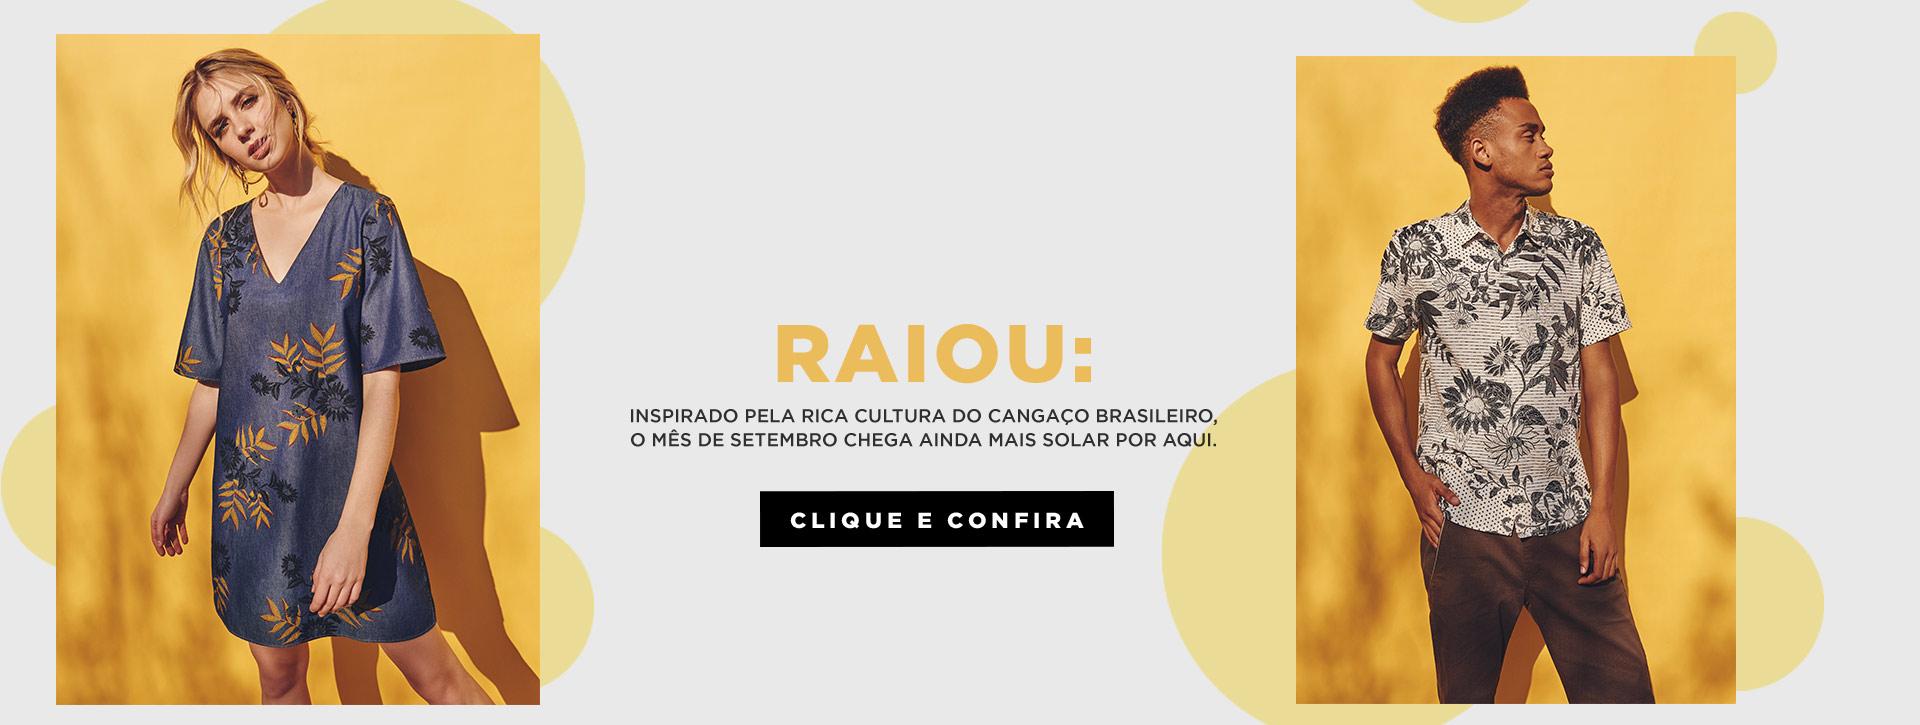 Raiou